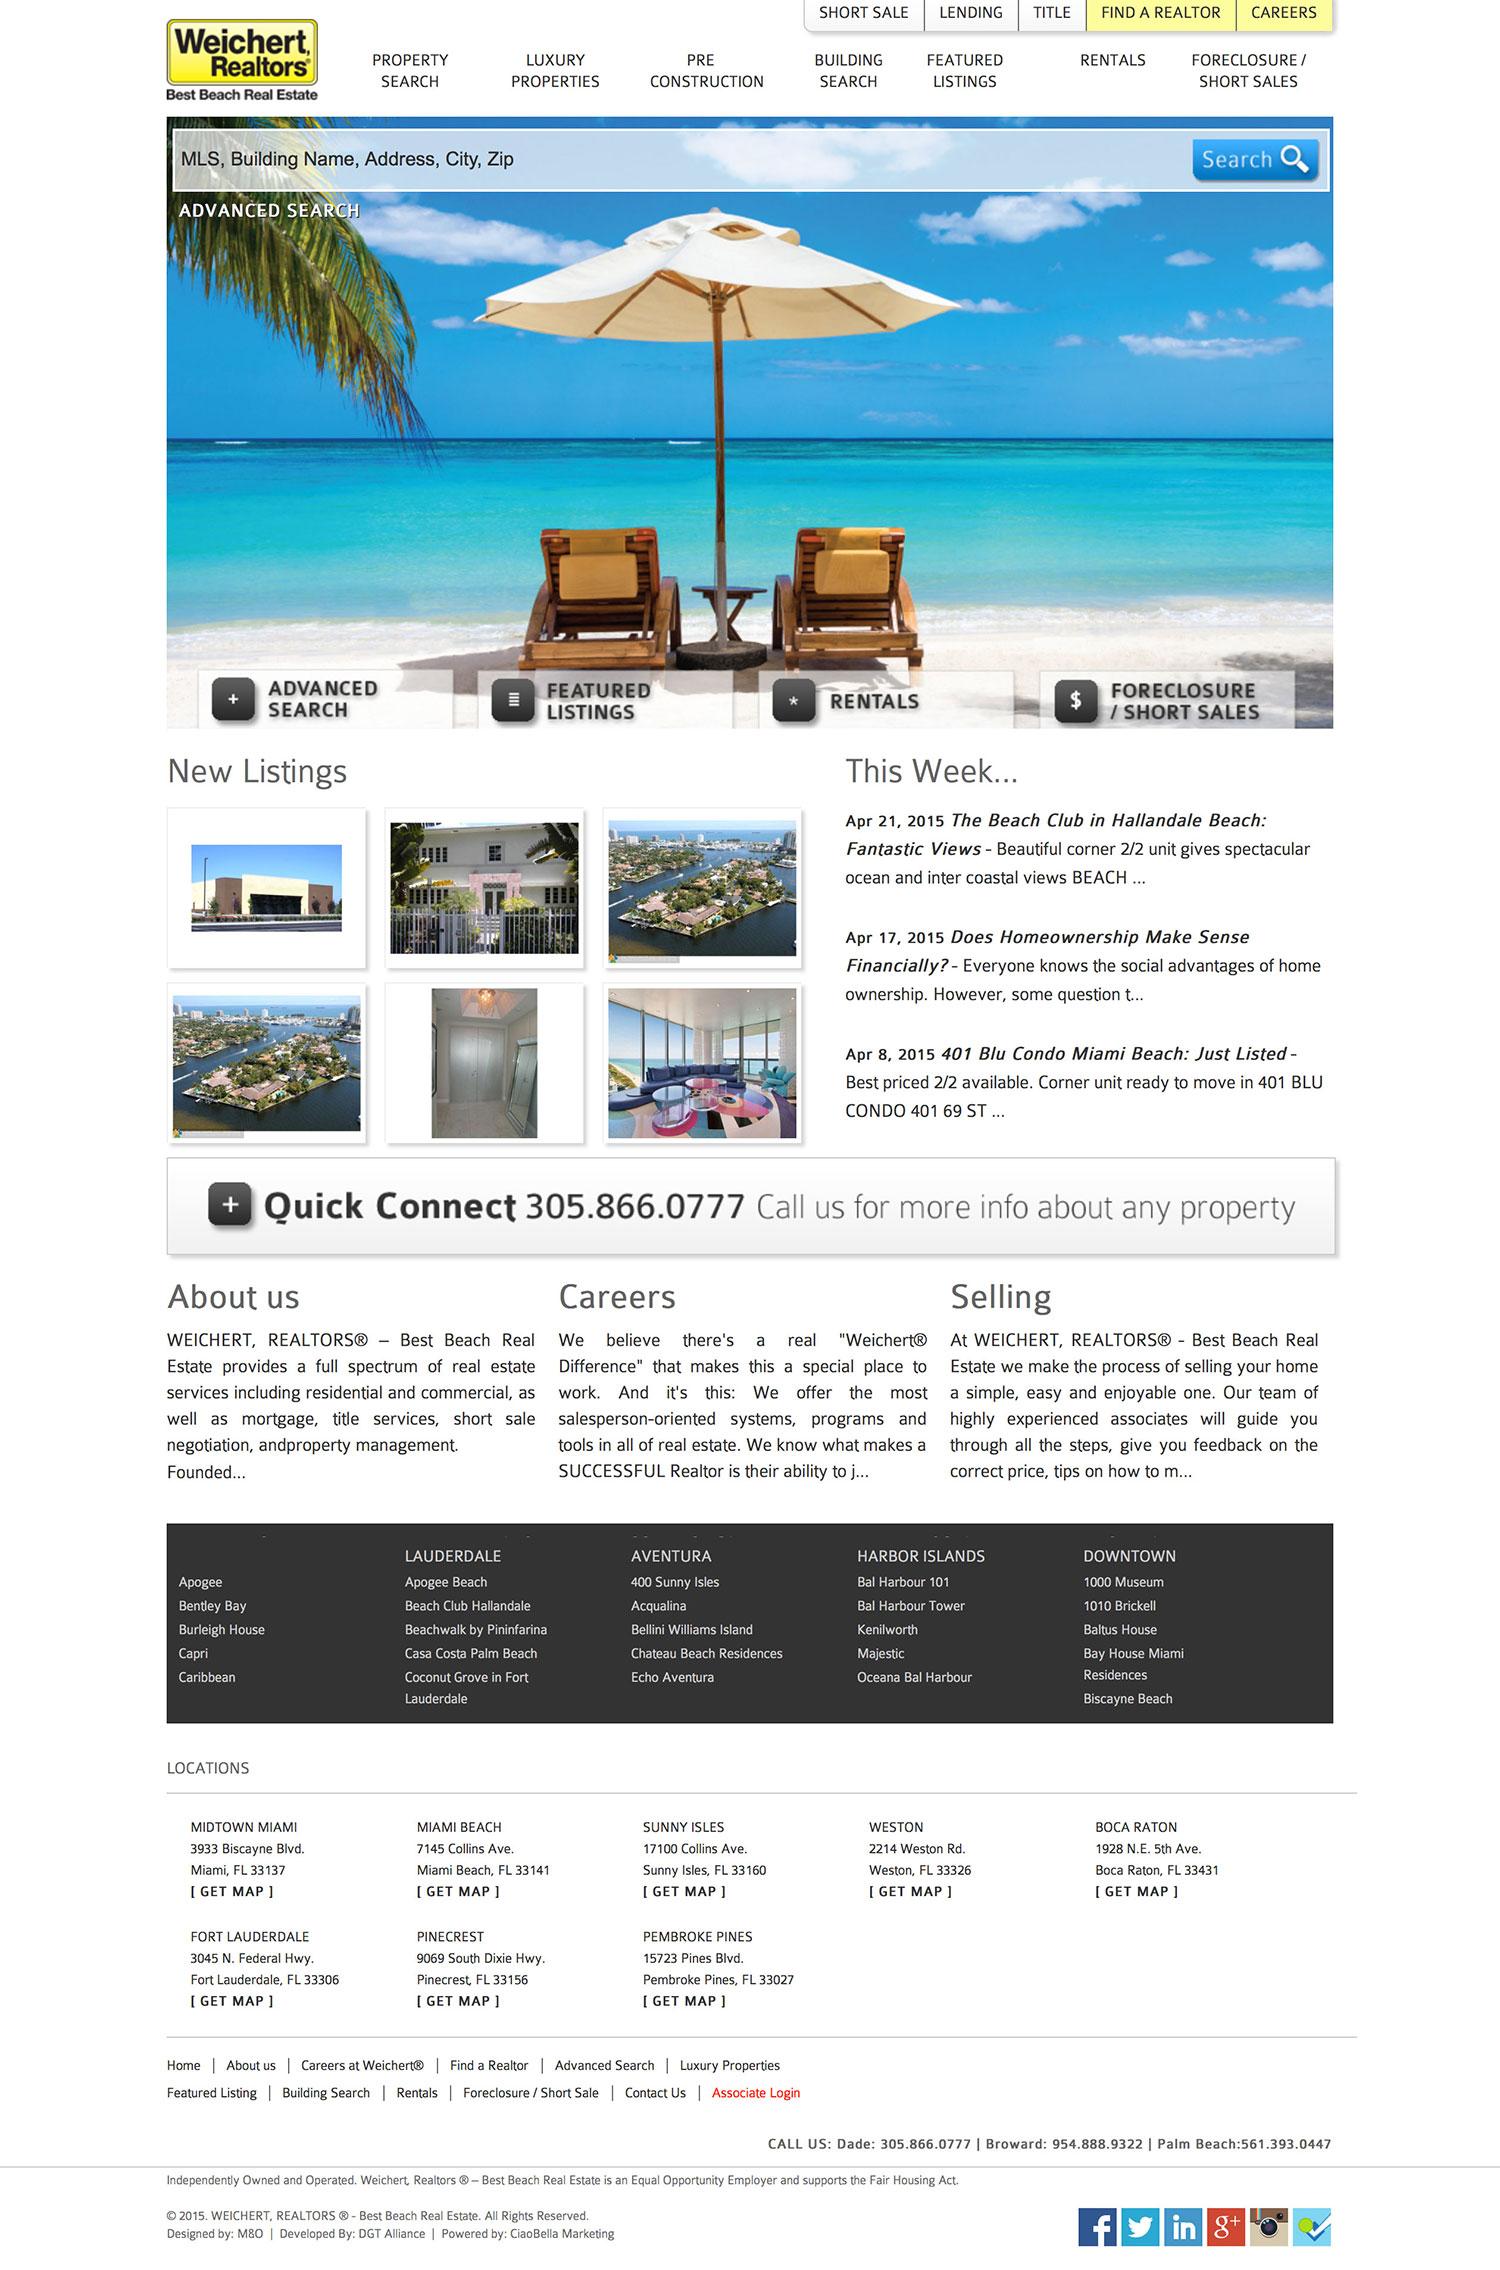 Weichert Best Beach - Web Design